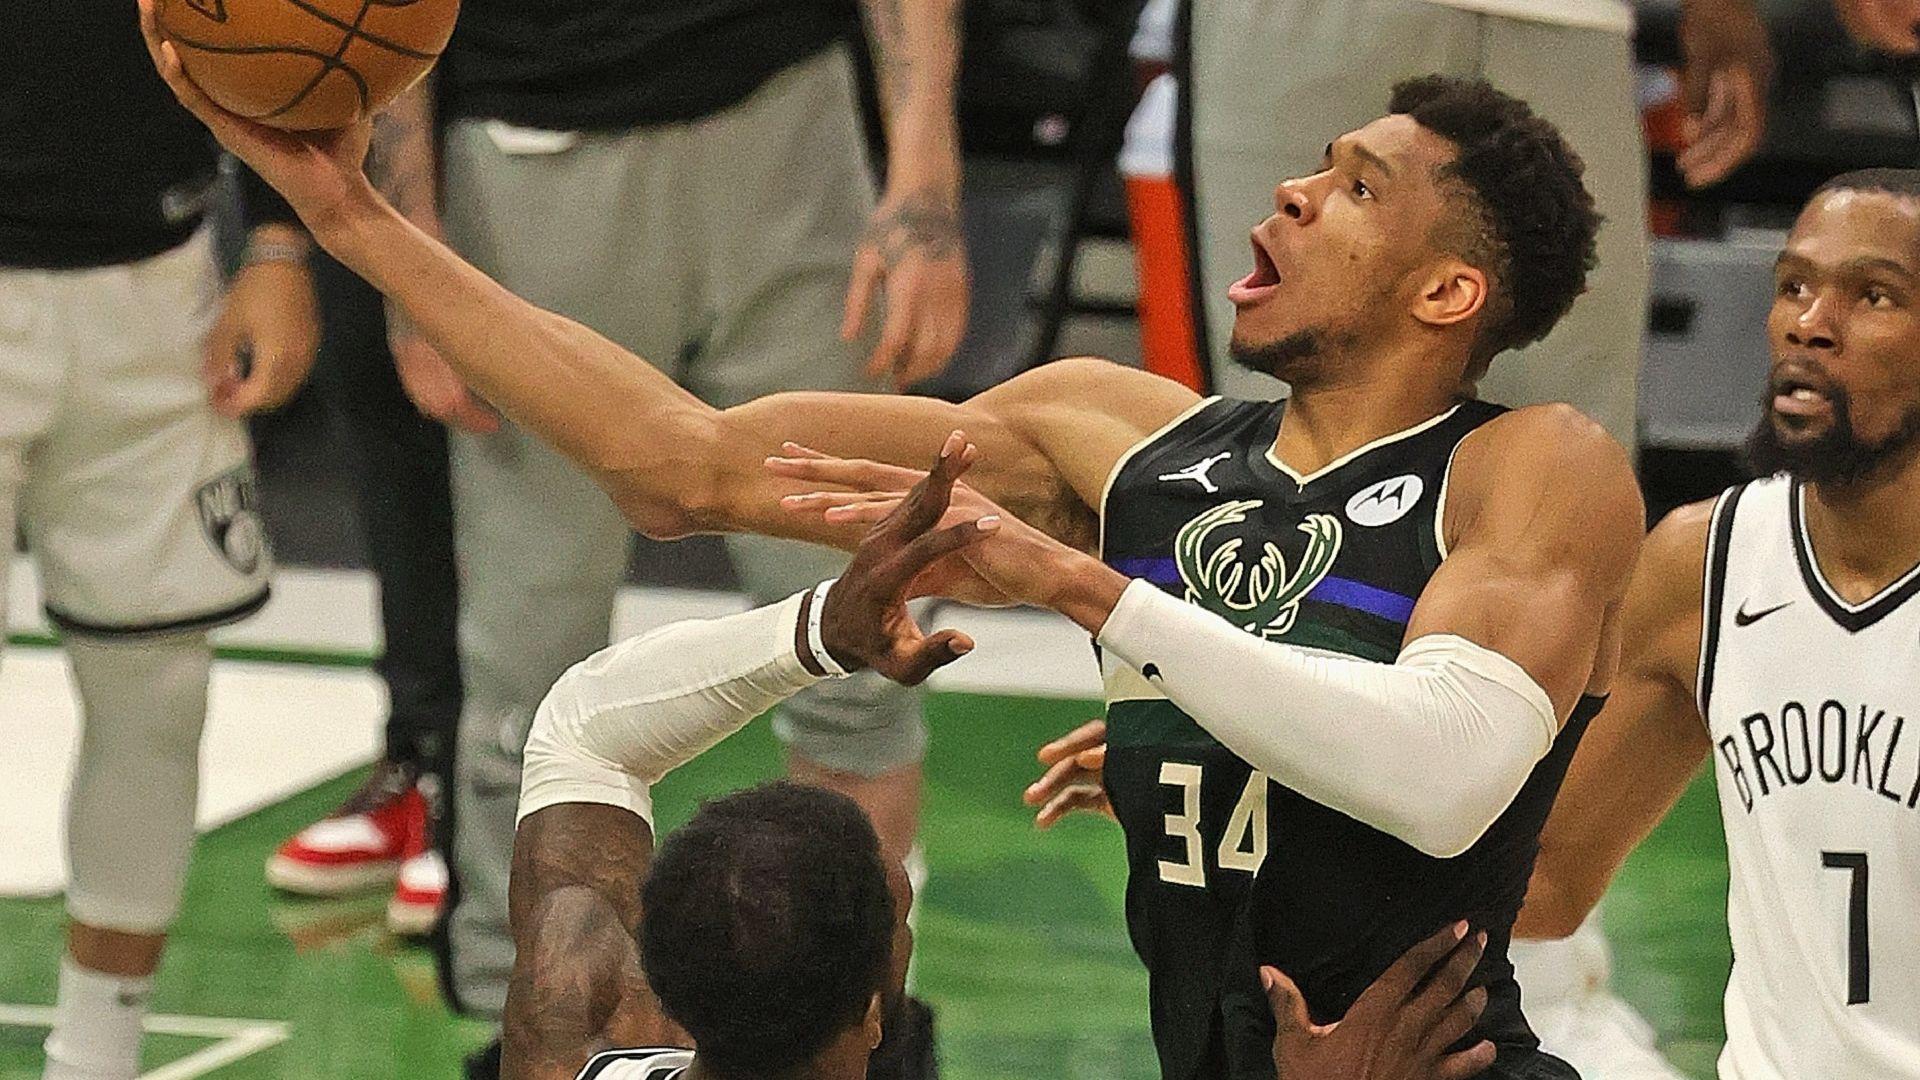 Голямата звезда на Милуоки е под въпрос за старта на финалите в НБА